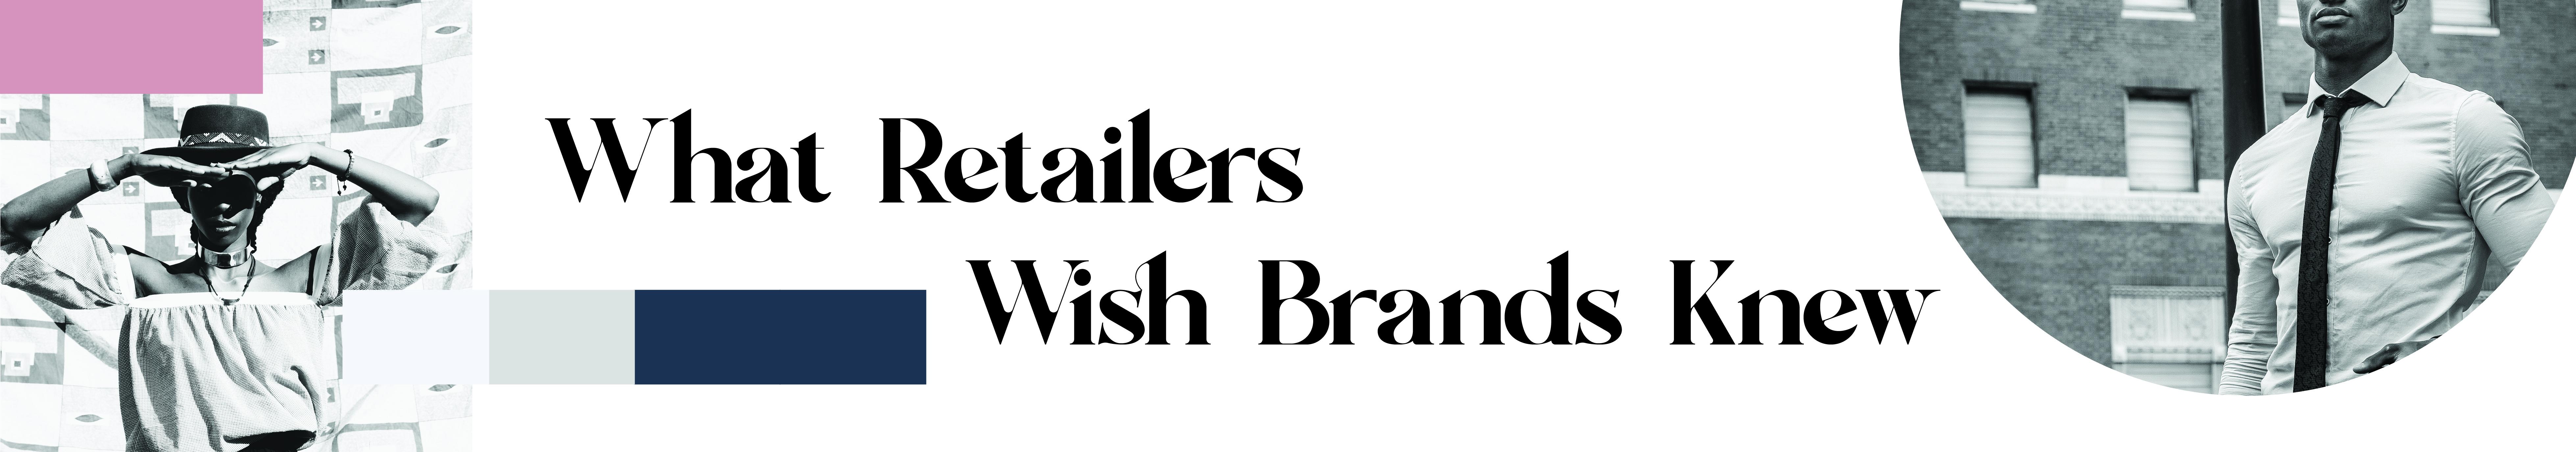 Retailers Wish